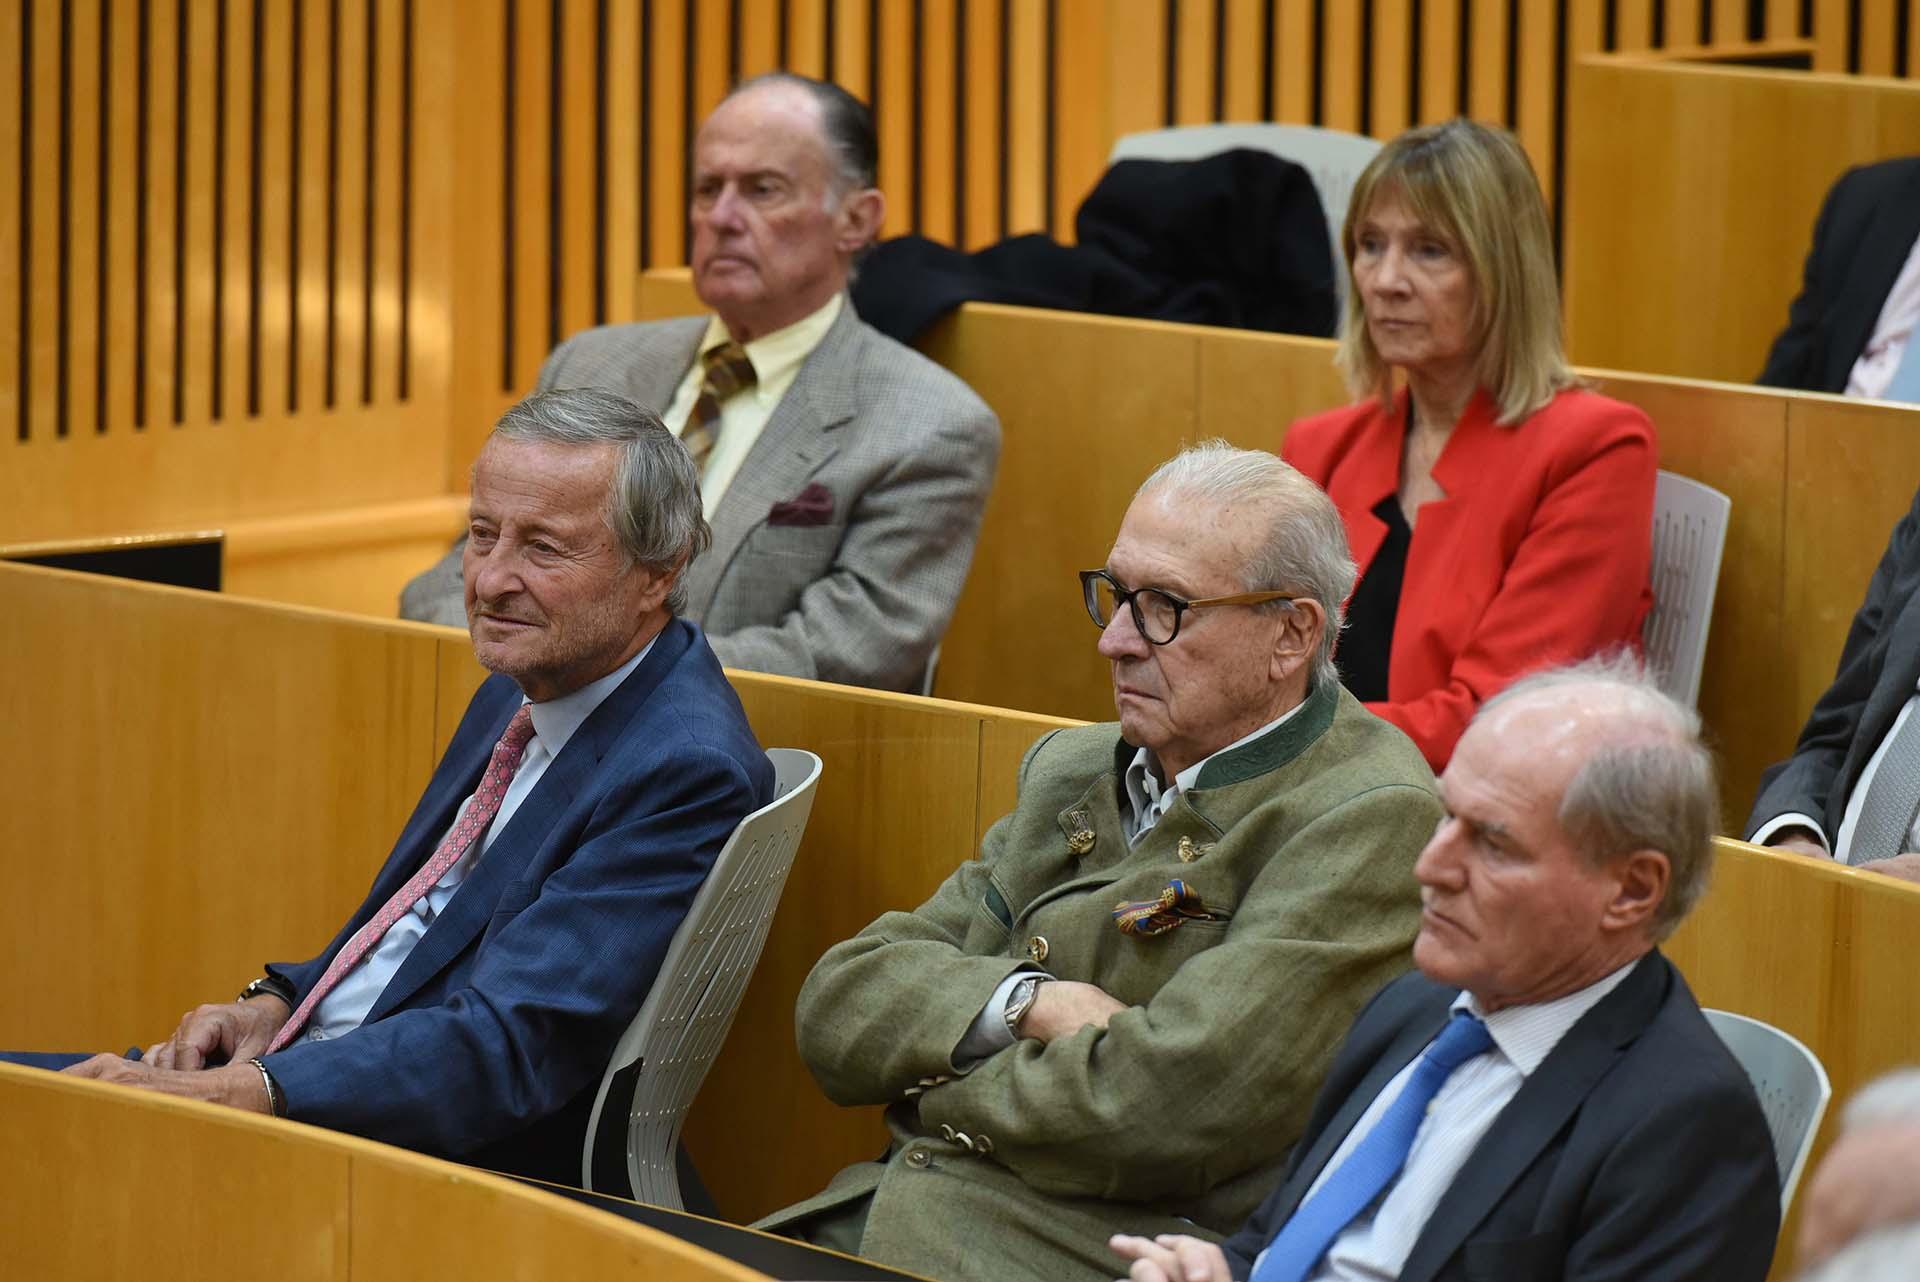 Arriba: Carlos San Millan, vicepresidente de la UADE, y Marita Carballo, Abajo: Cristiano Rattazzi, Enrique Pescarmona y Federico Braun